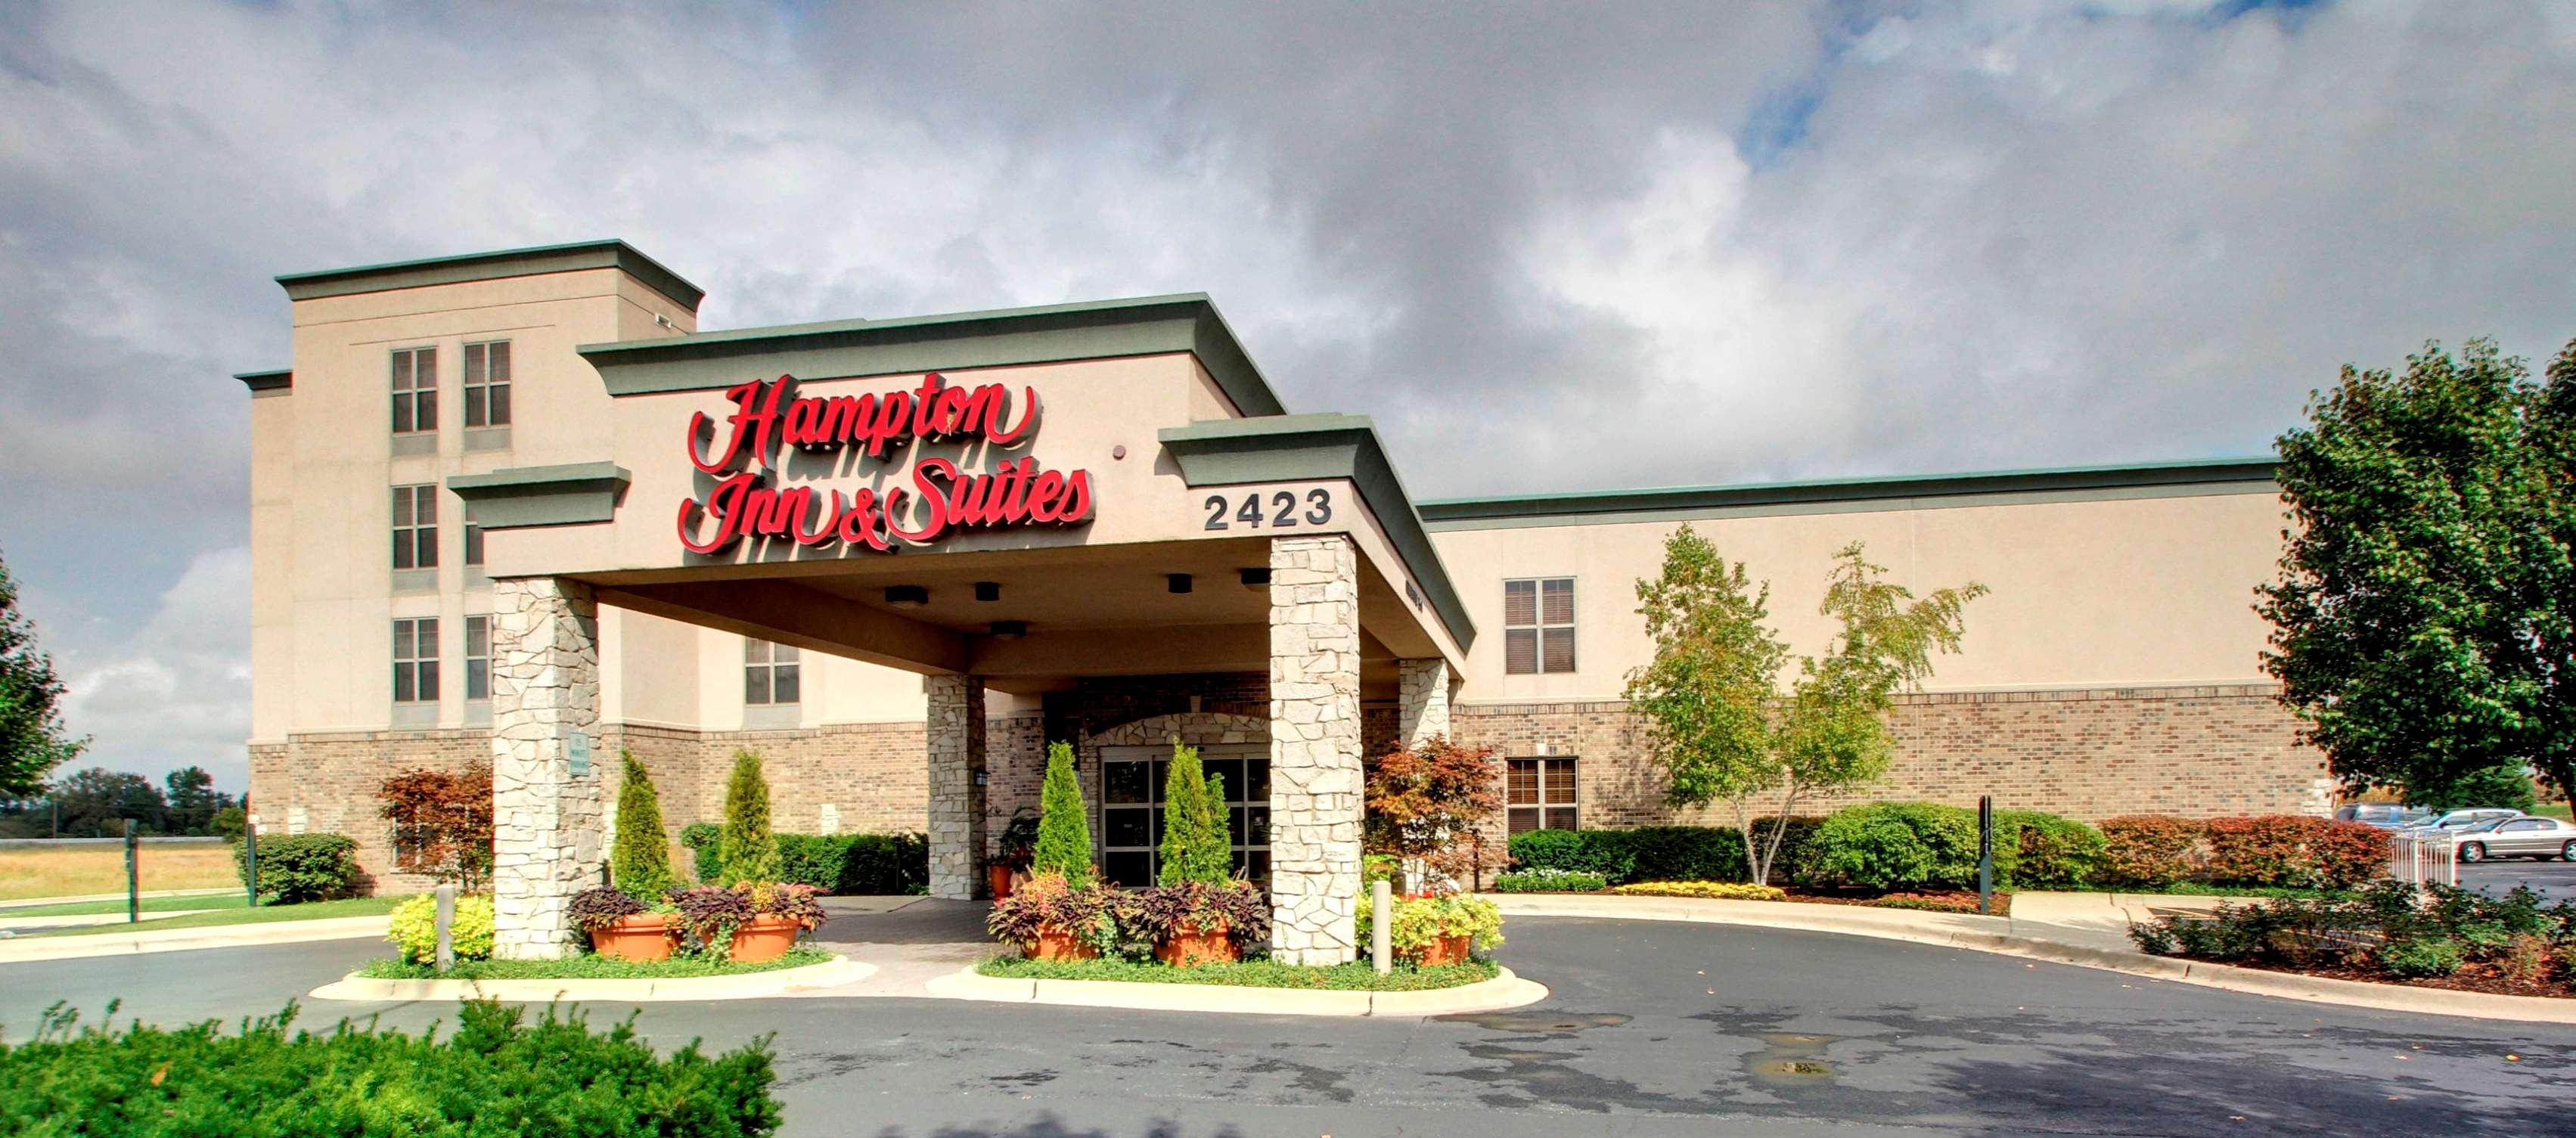 Hampton Inn & Suites Chicago/Aurora image 2